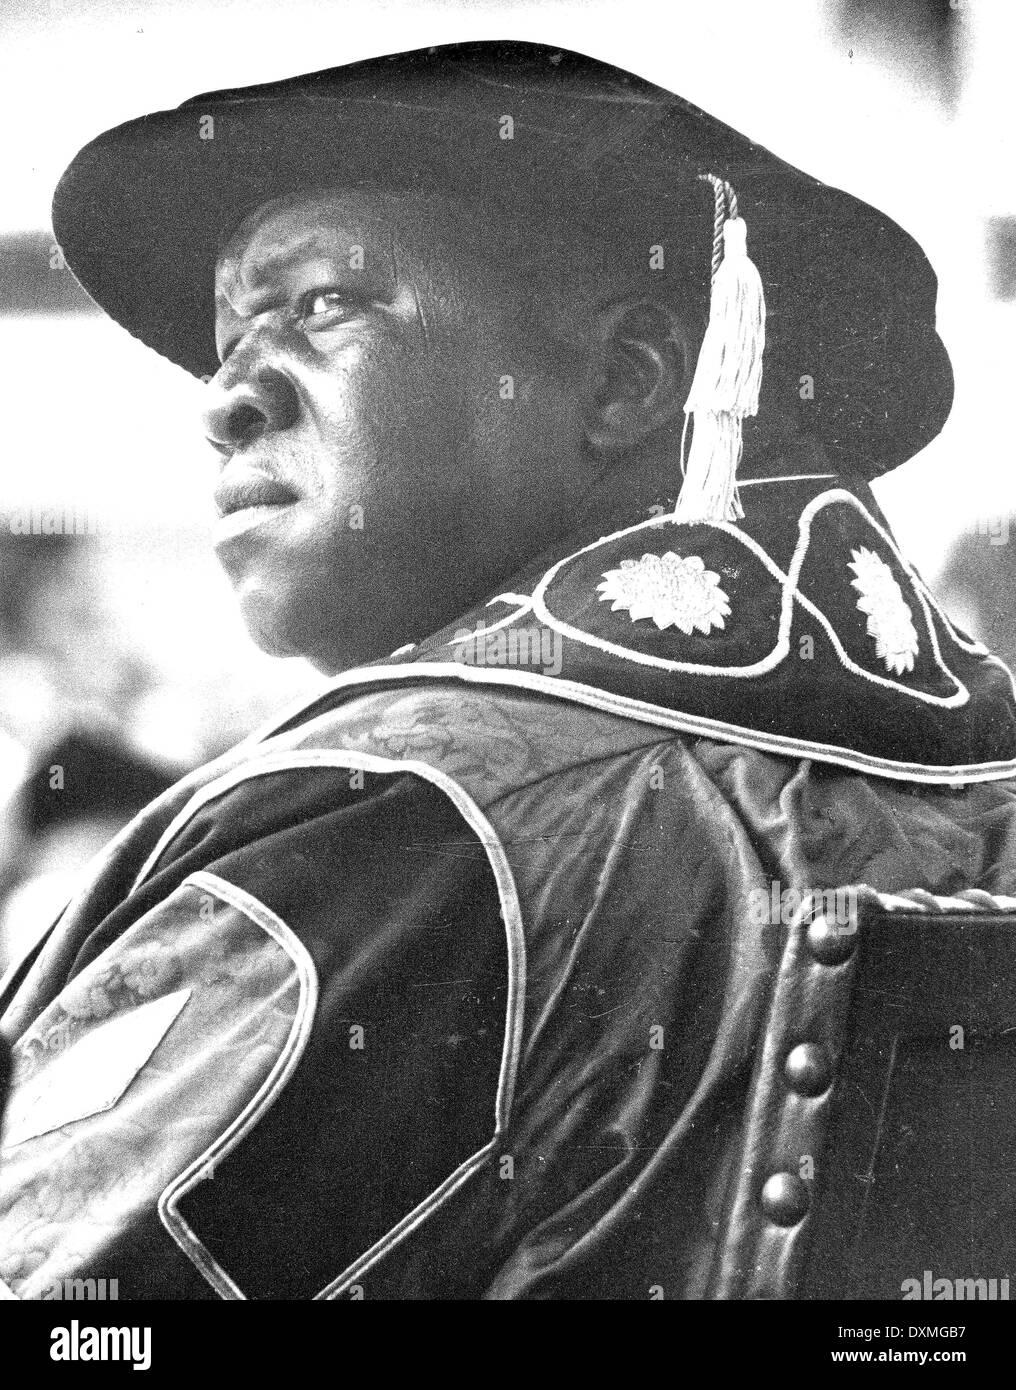 Idi Amin Dada, en maintenant une règle despotique de l'Ouganda, assiste à une université Makerere l'obtention du diplôme en 1974 dans les robes du chancelier Photo Stock